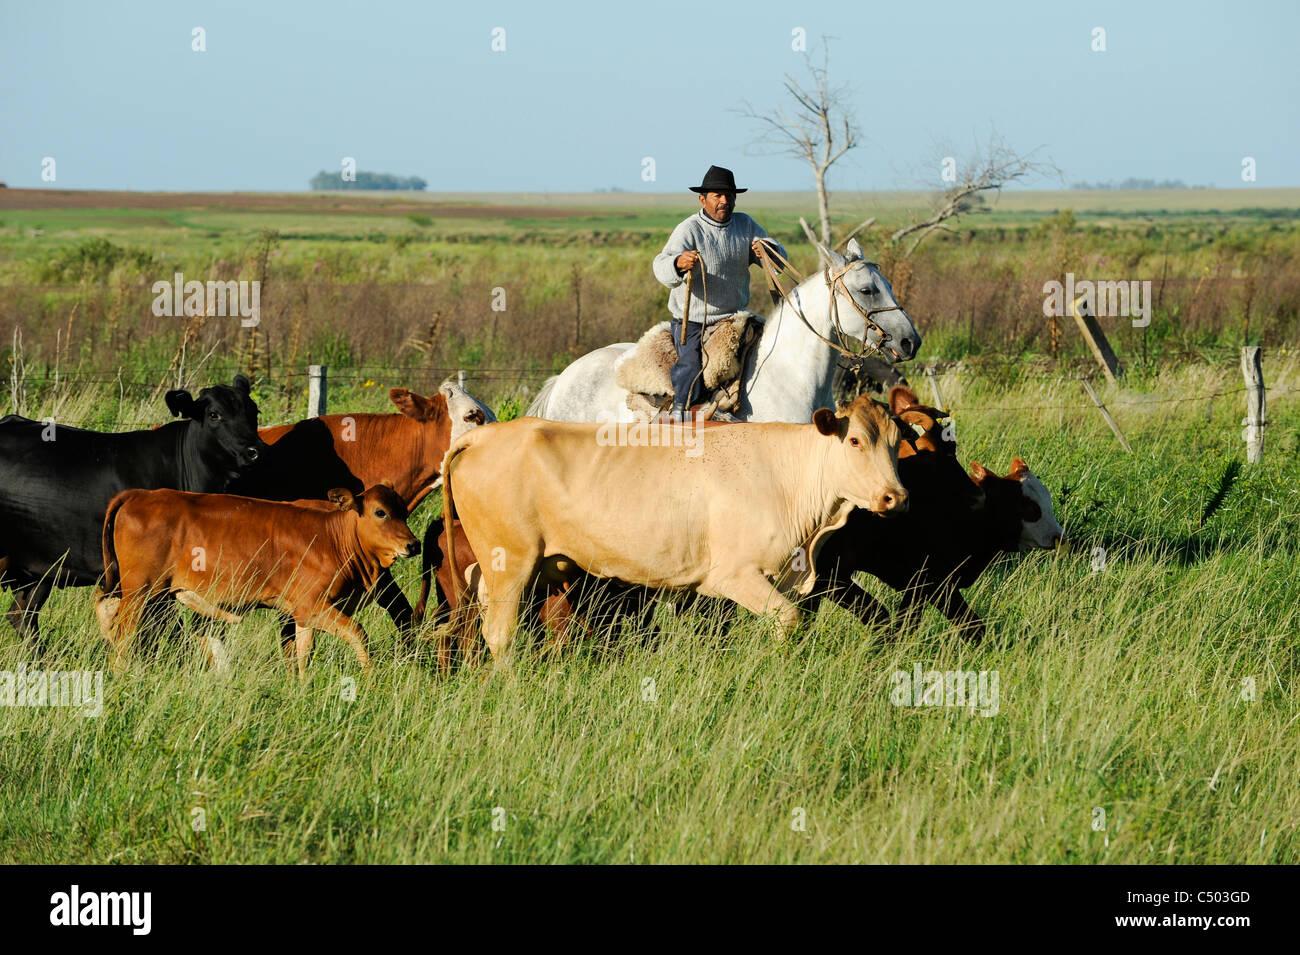 URUGUAY - Tacuarembó, mucca mandria e il Gaucho a cavallo Immagini Stock